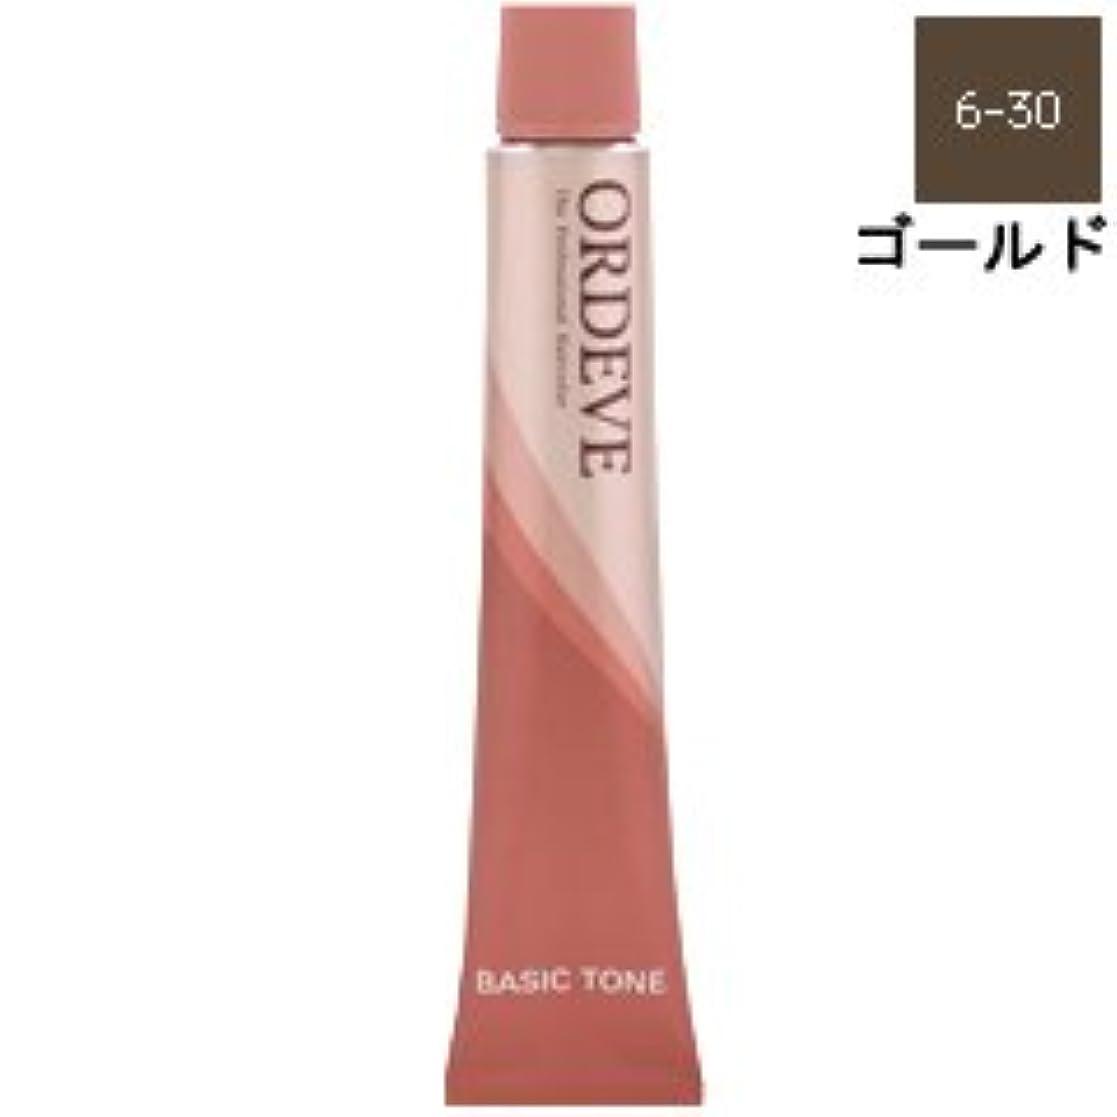 逆説ハンディ容器【ミルボン】オルディーブ ベーシックトーン #06-30 ゴールド 80g